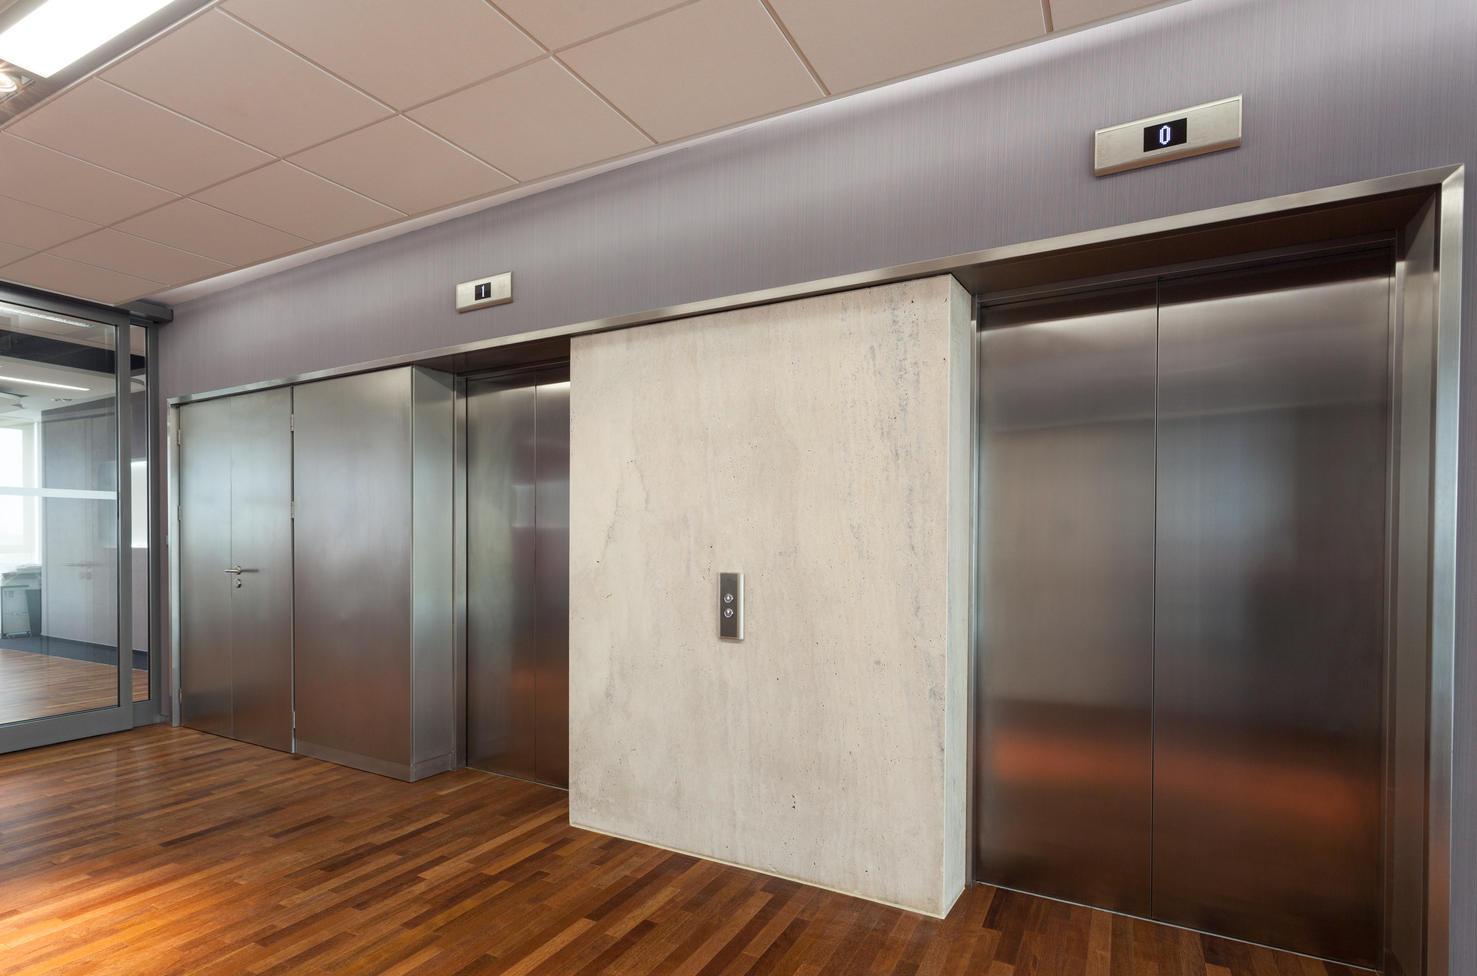 Installazione ascensori trieste